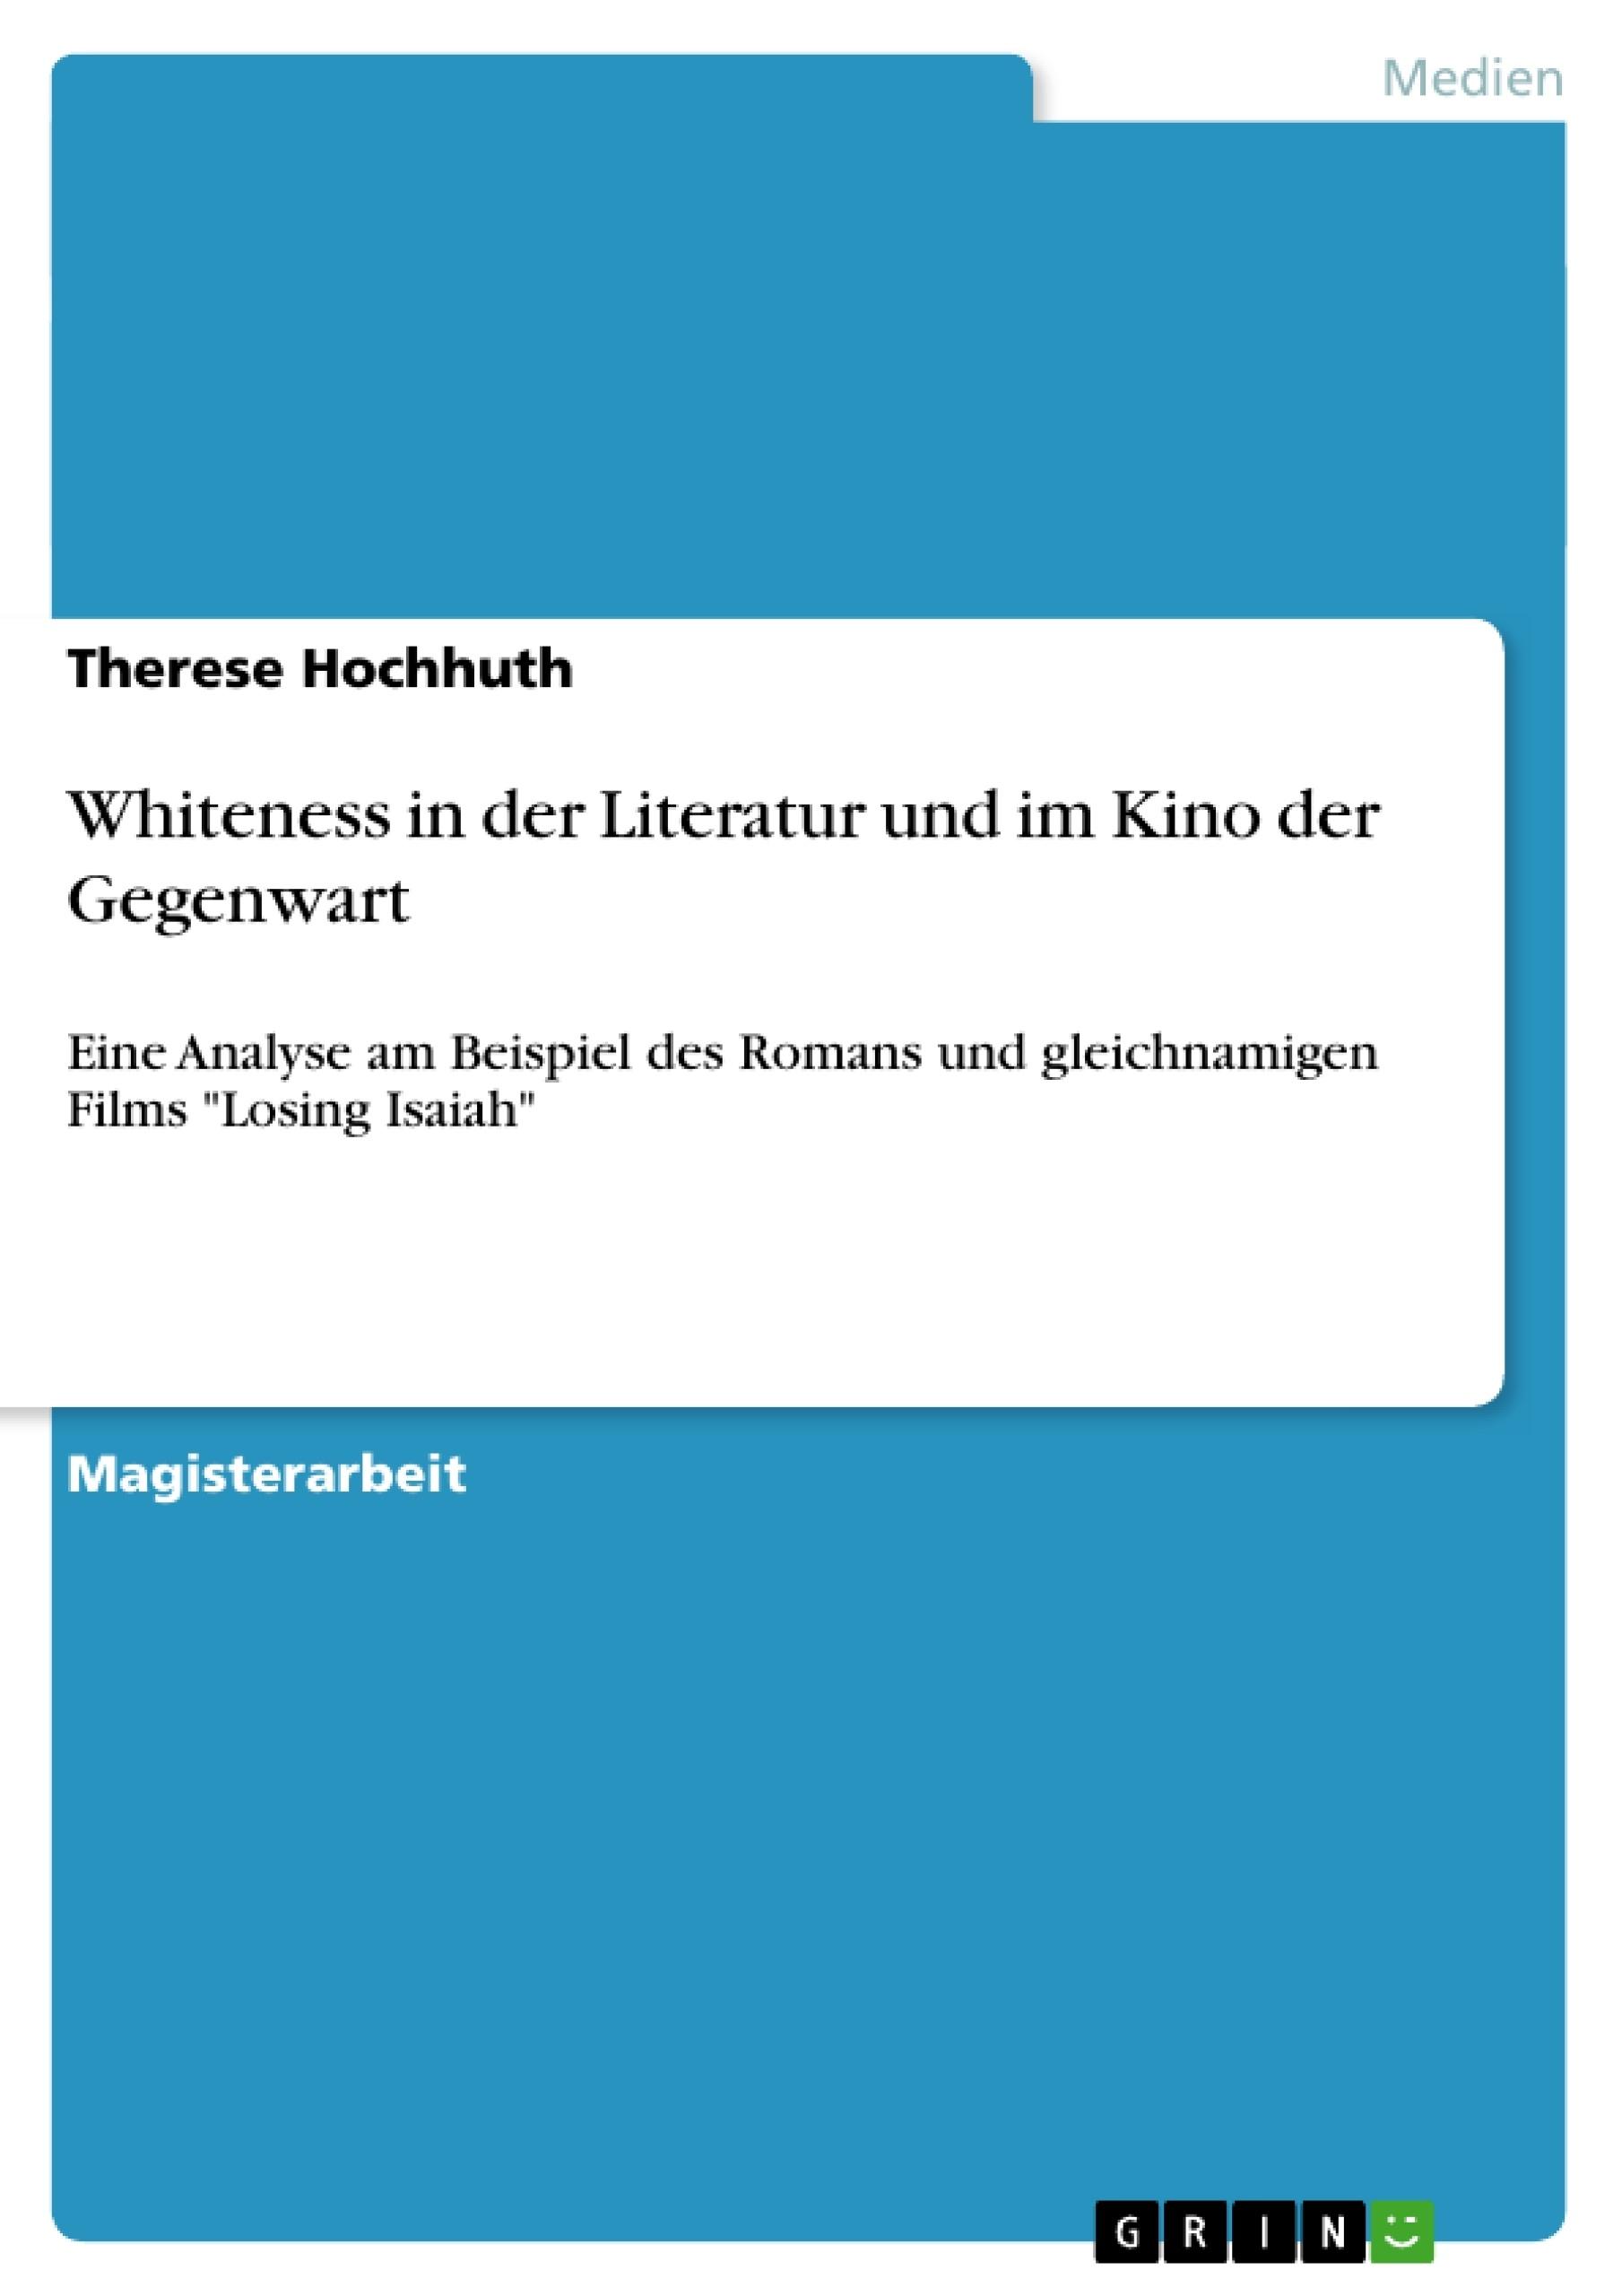 Titel: Whiteness in der Literatur und im Kino der Gegenwart